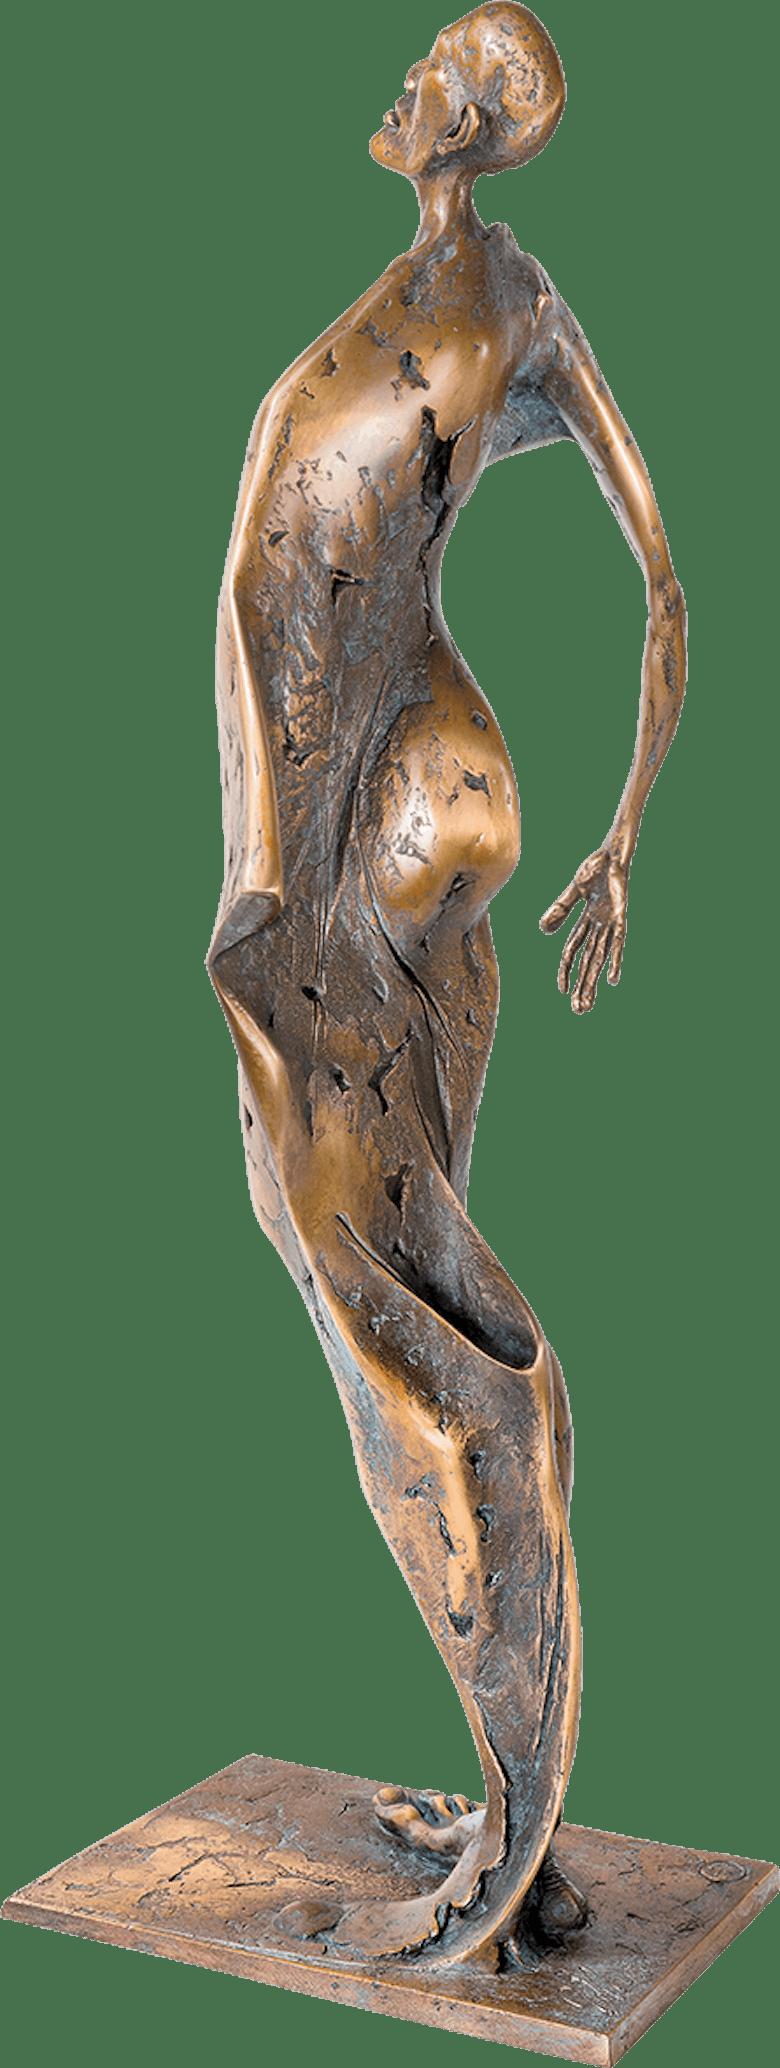 Bronzefigur Winter von Woytek